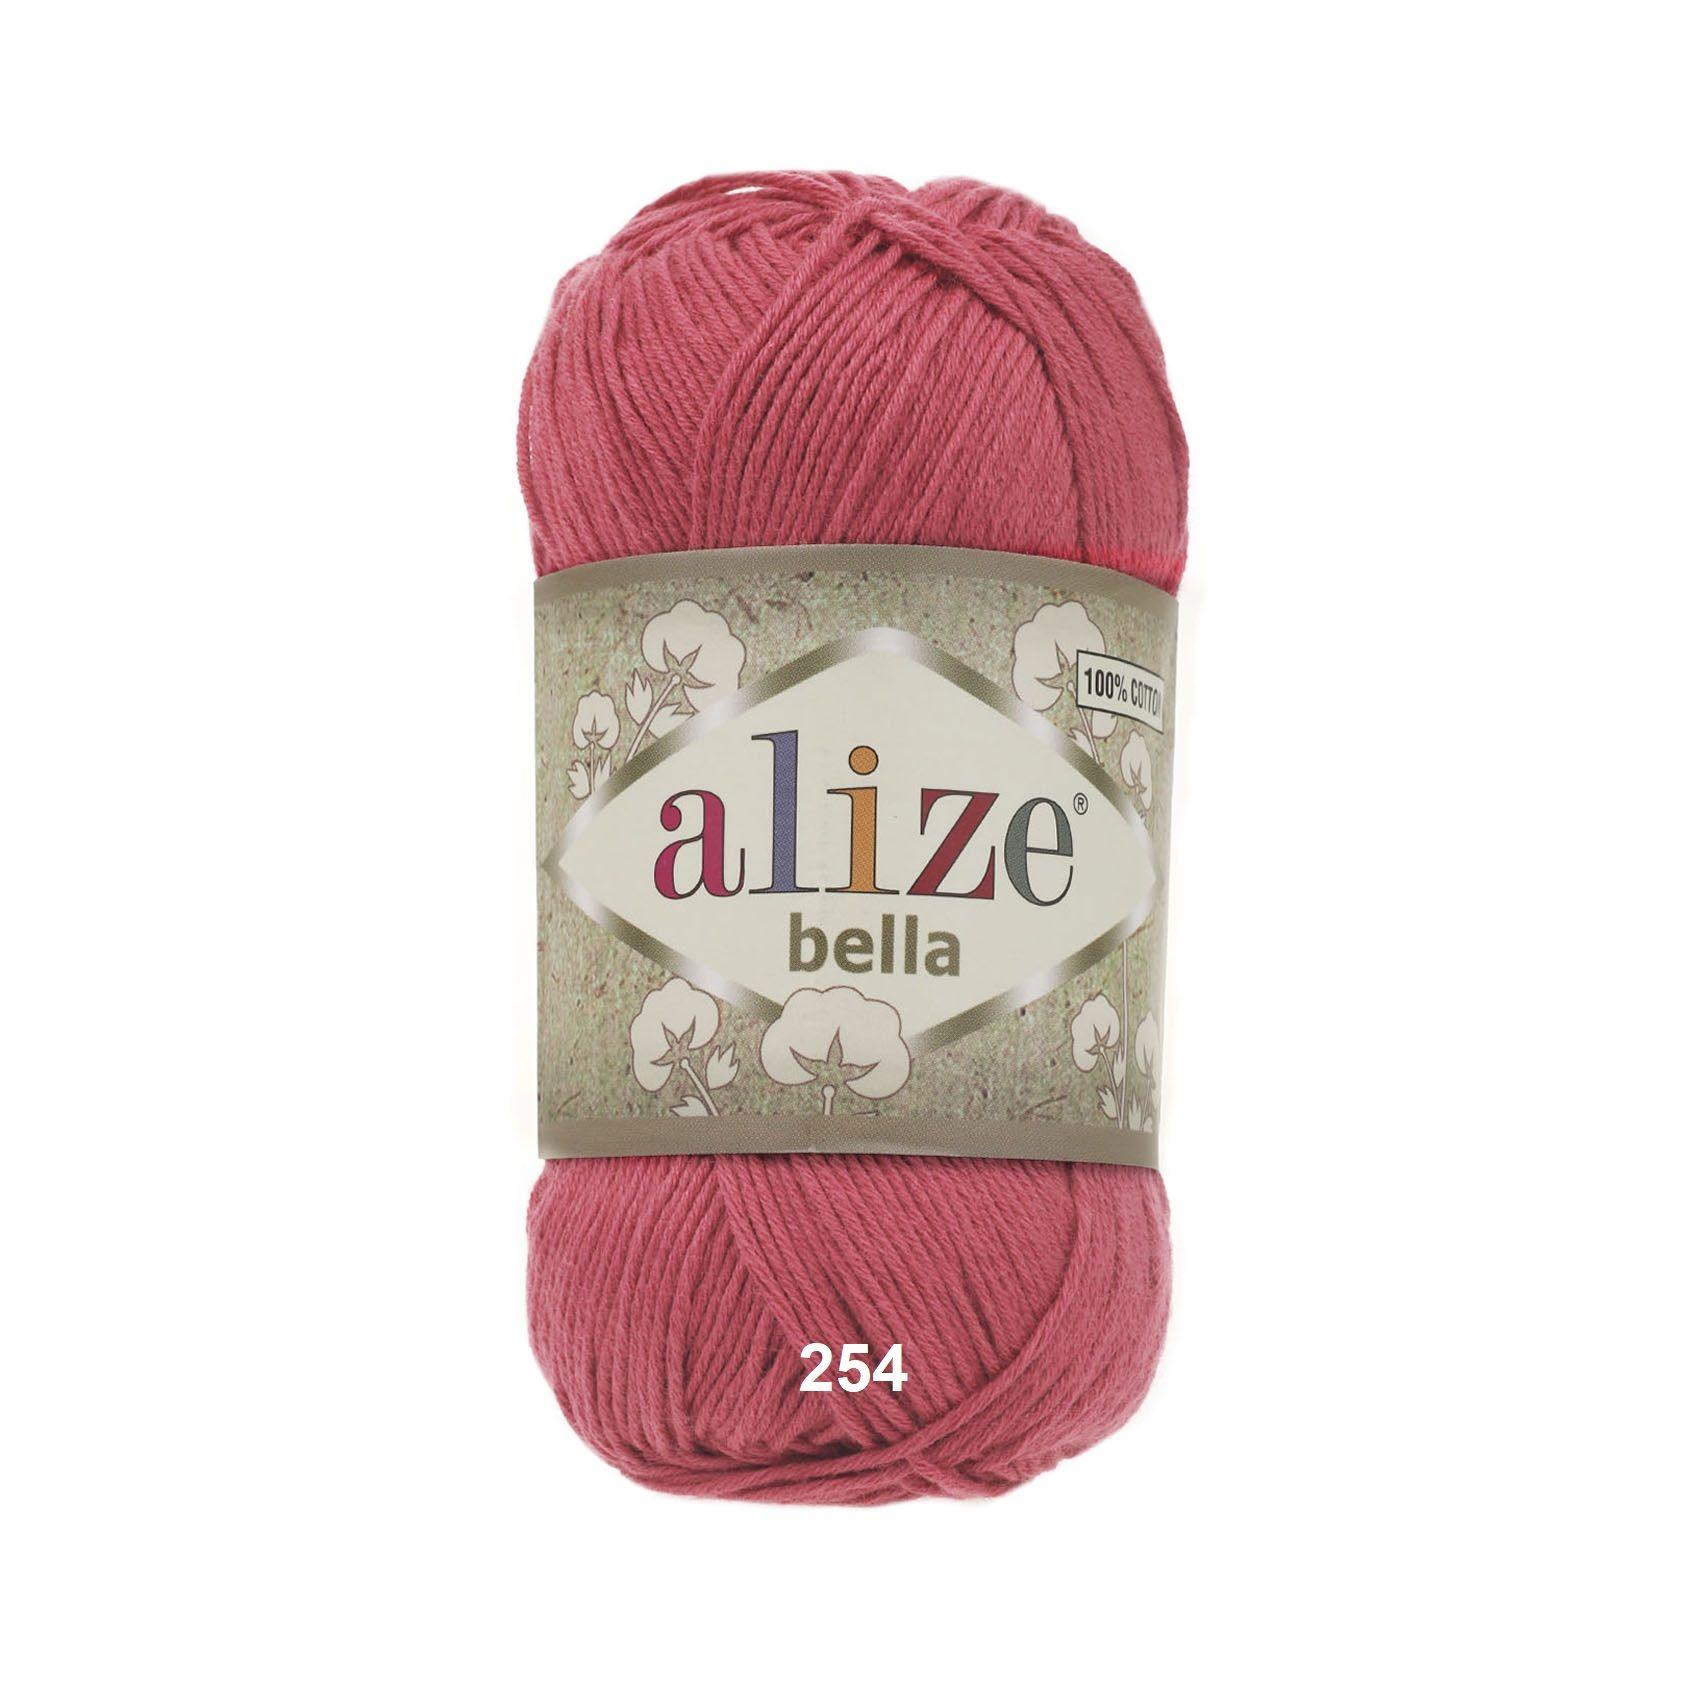 100% Cotton Yarn, Crochet Thread, Bella Alize, Crochet